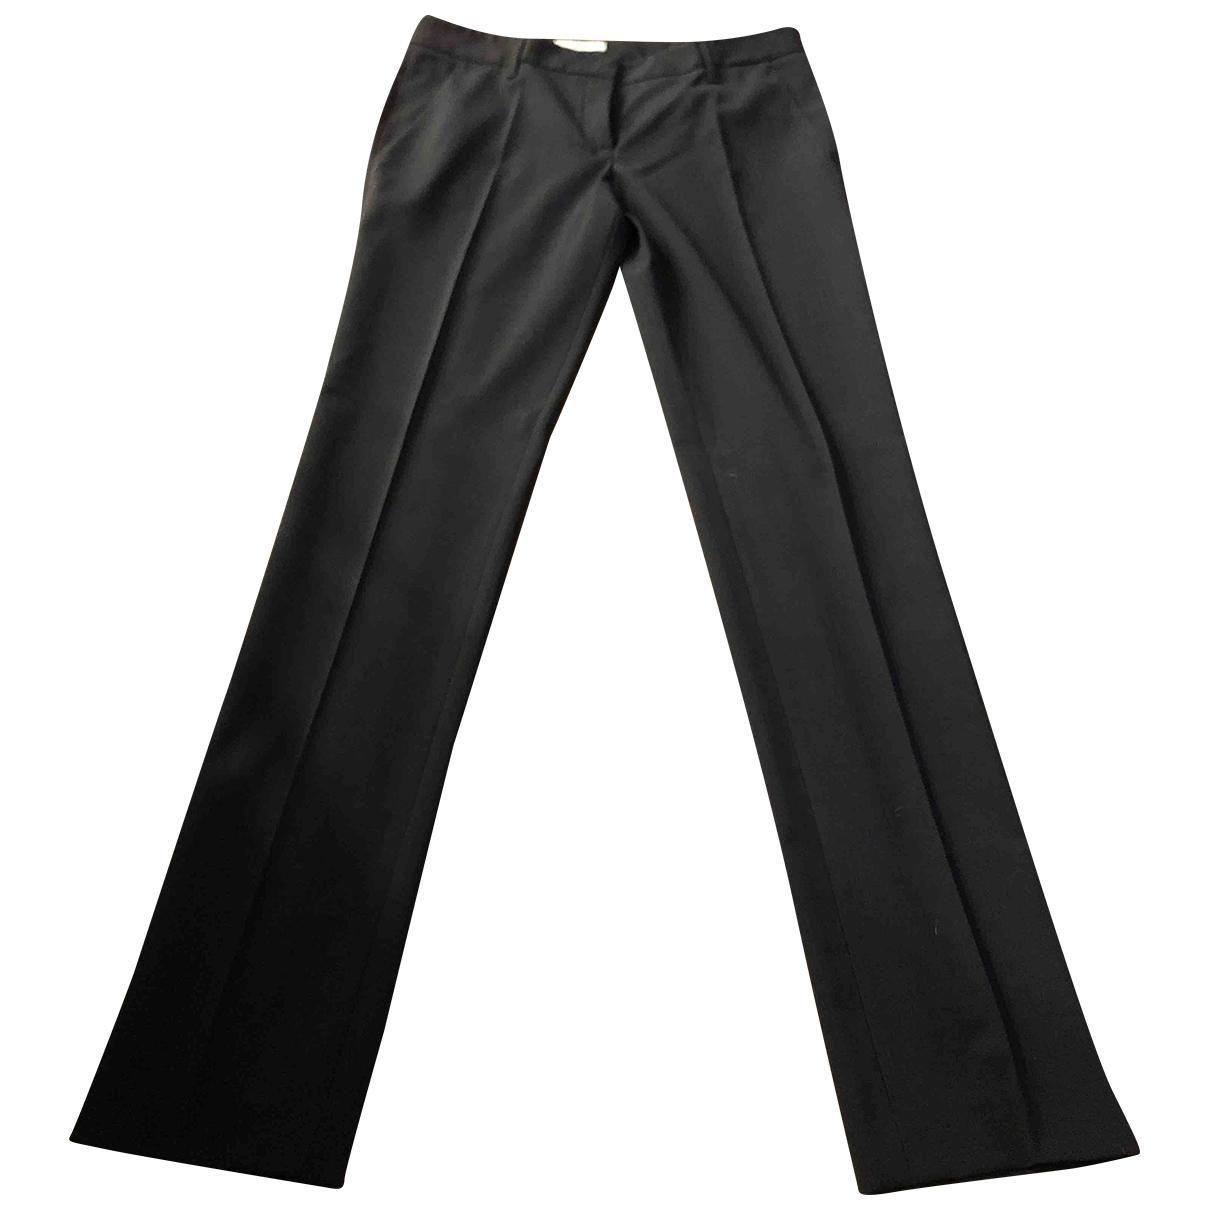 Pantalon de traje de Lana Prada